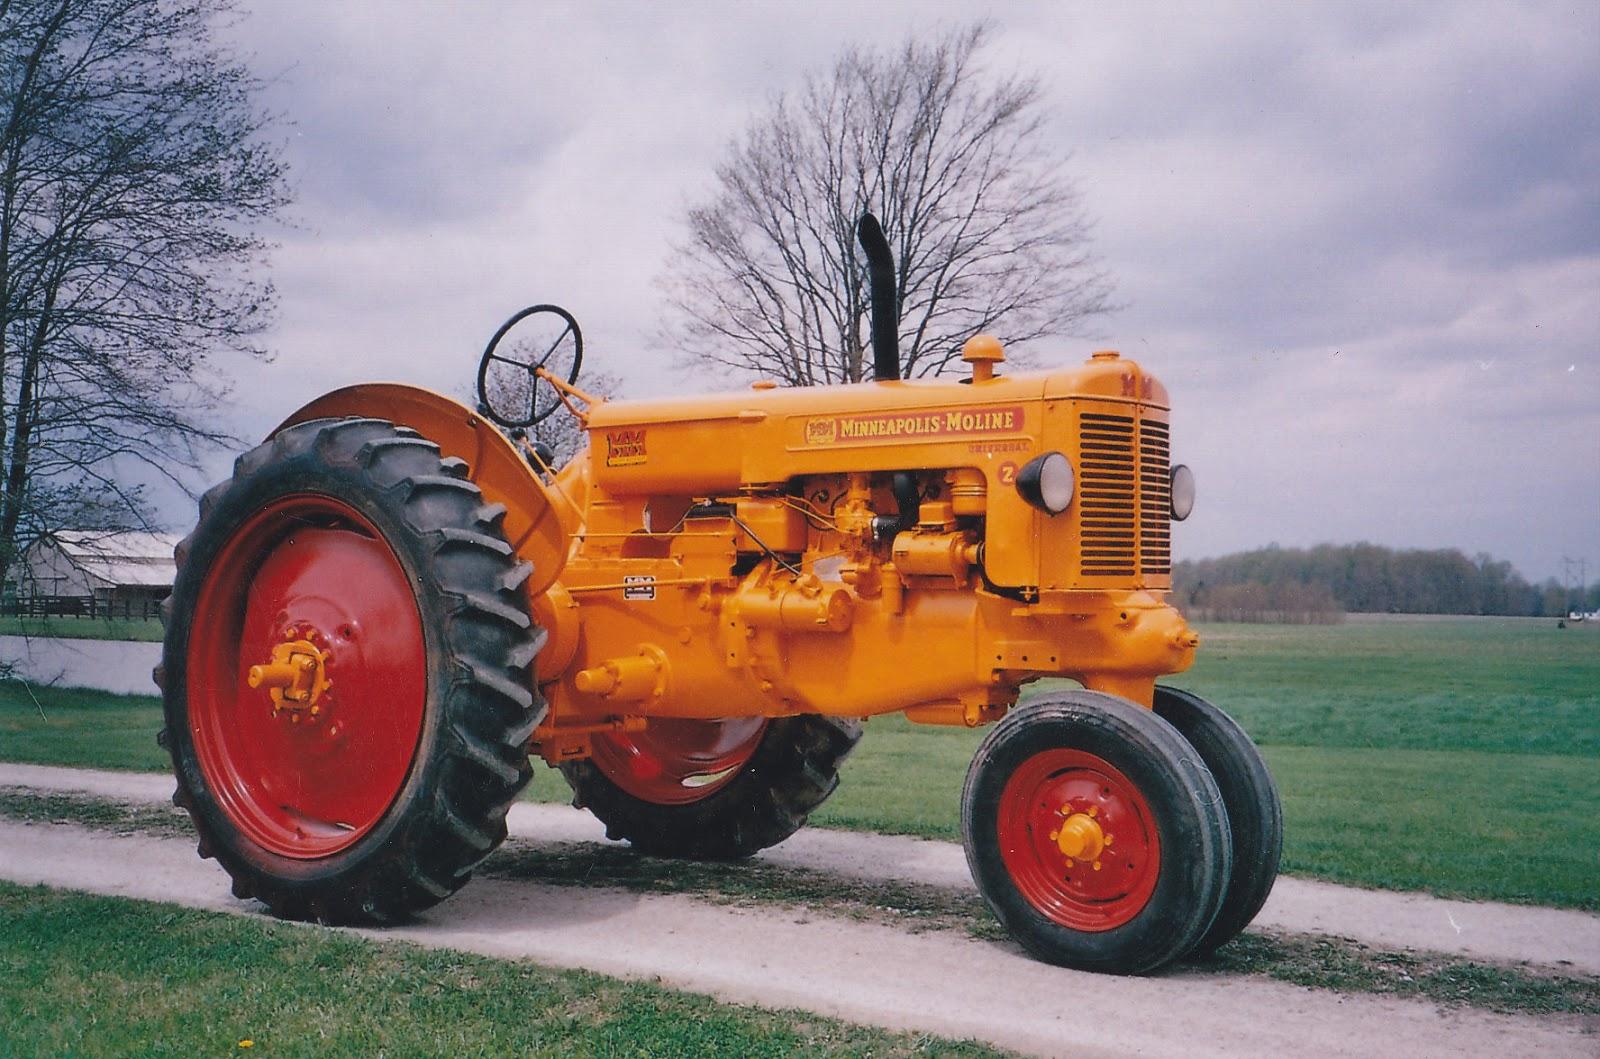 Minneapolis Moline Models : A born again roman minneapolis moline twin city tractors